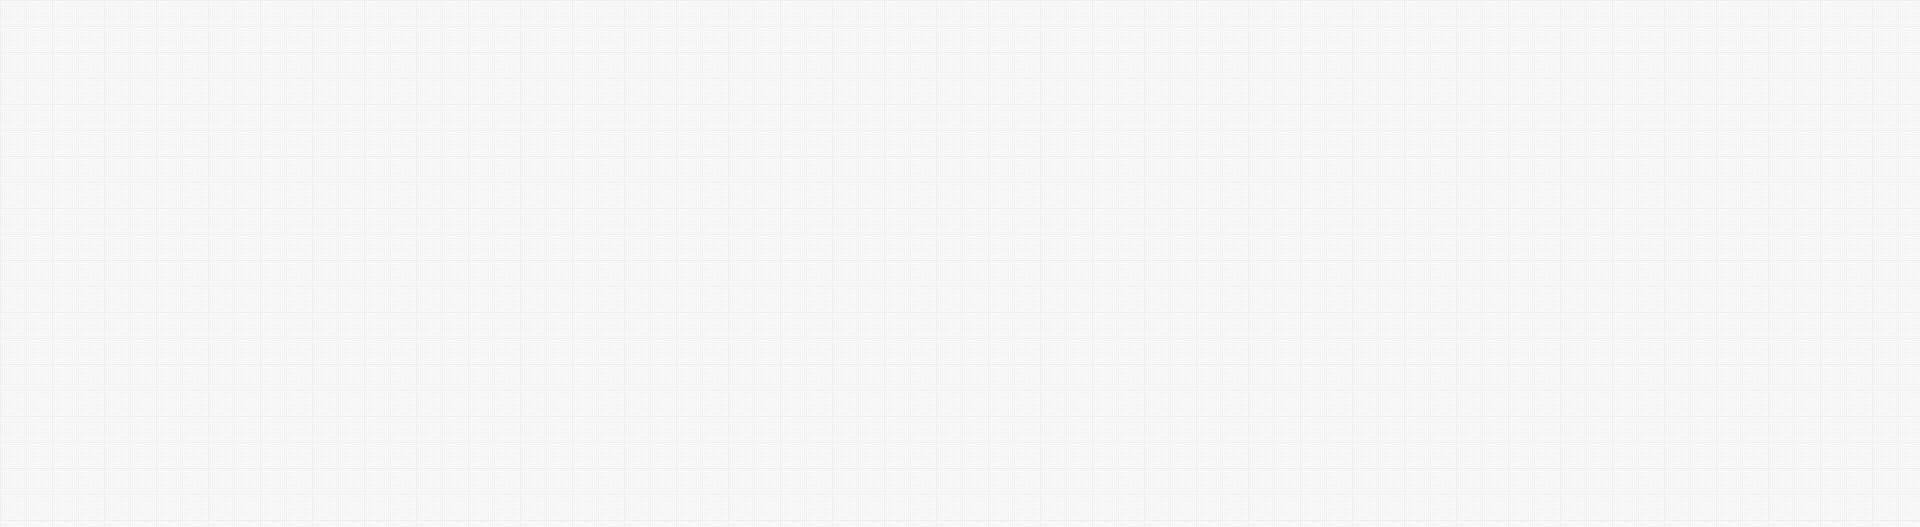 nh_rev_slider_bkg_tiny_grid